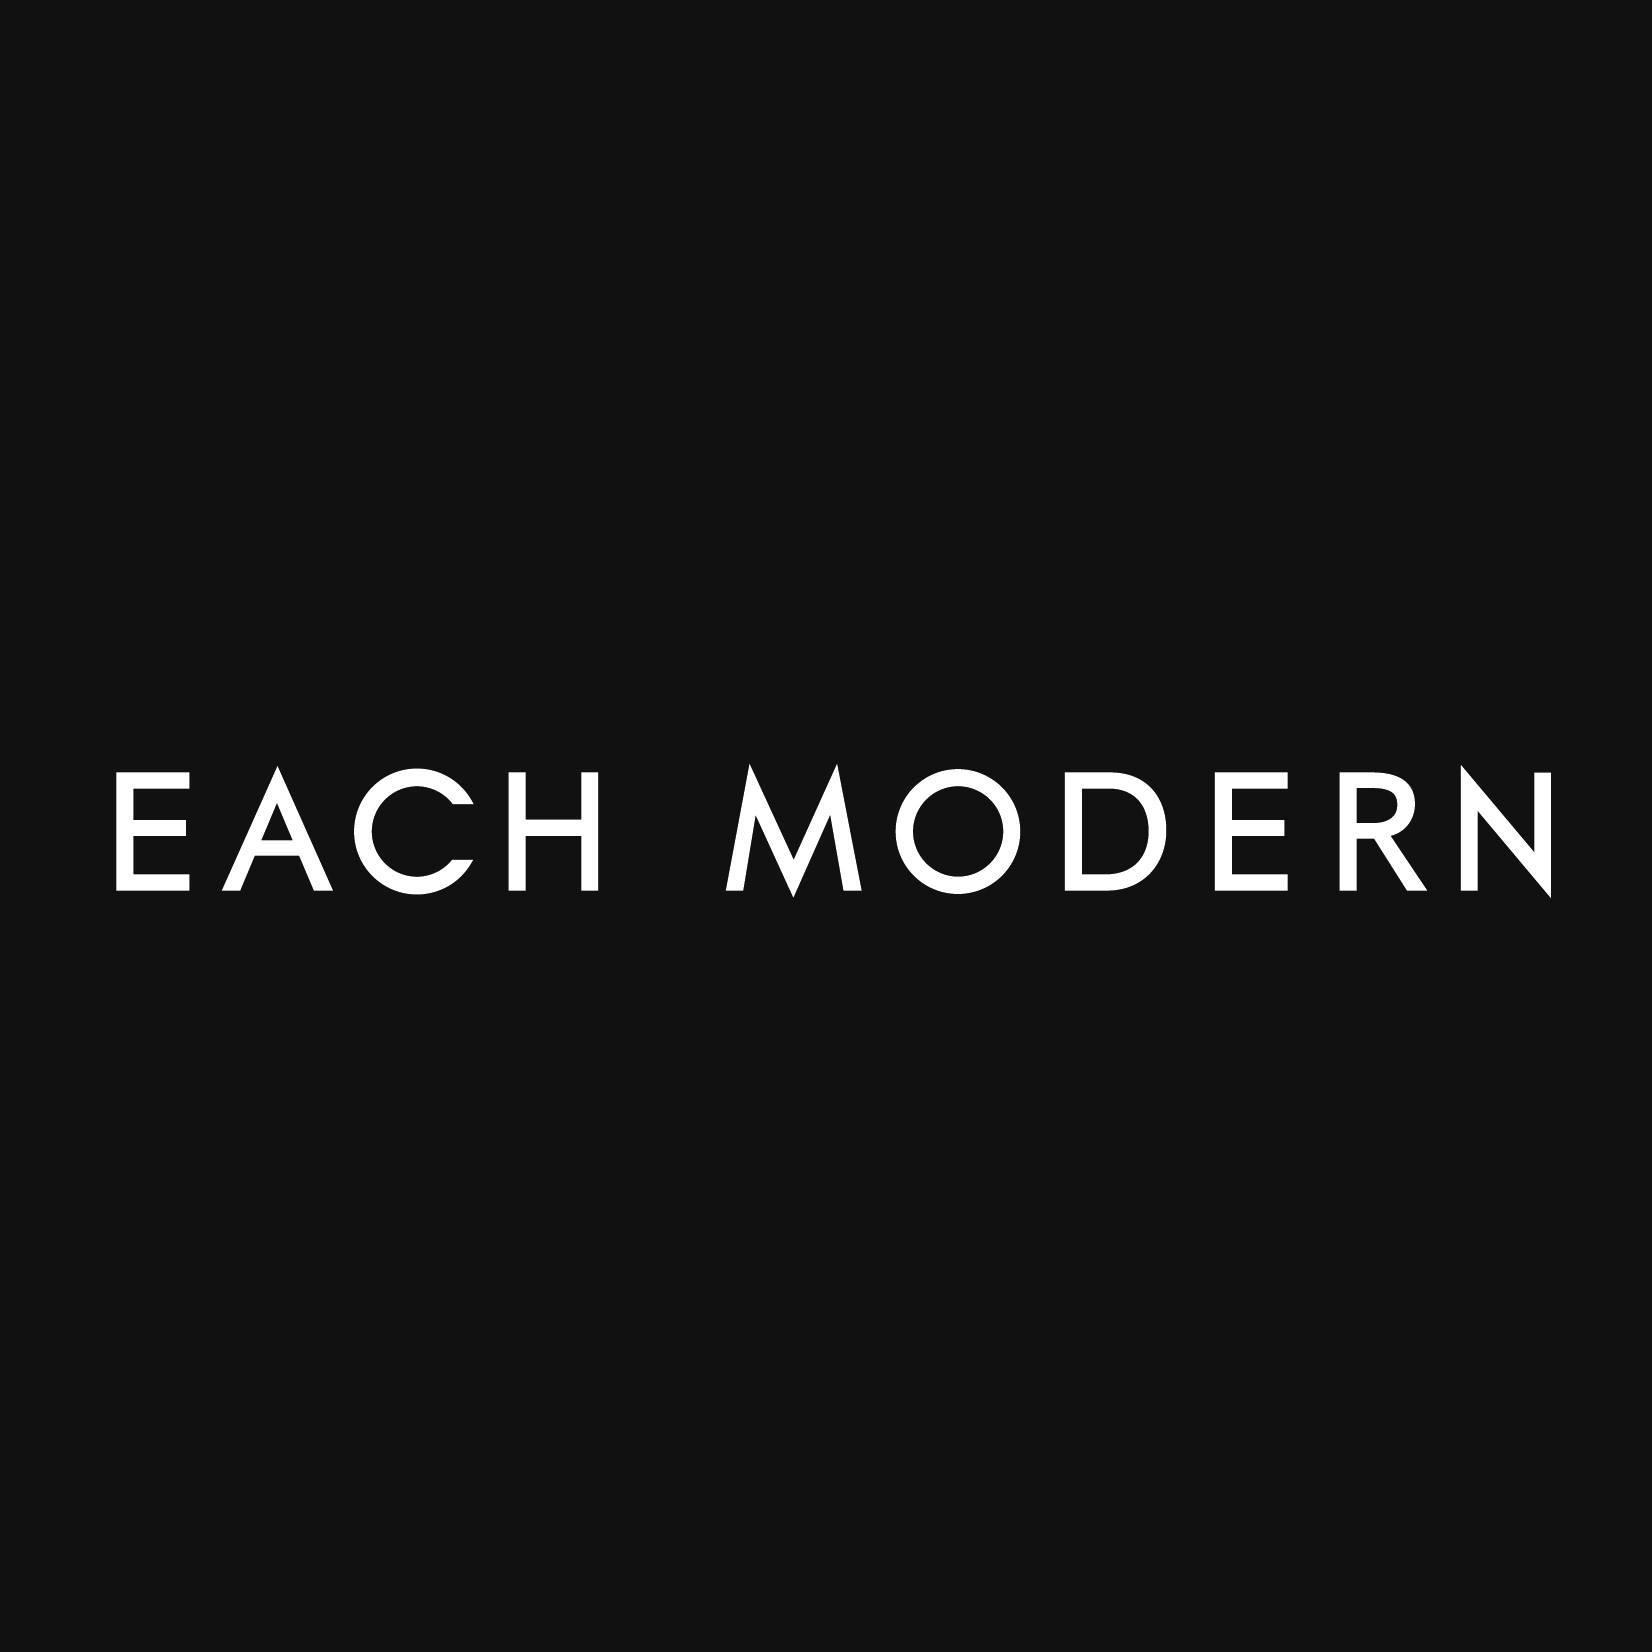 Each Modern